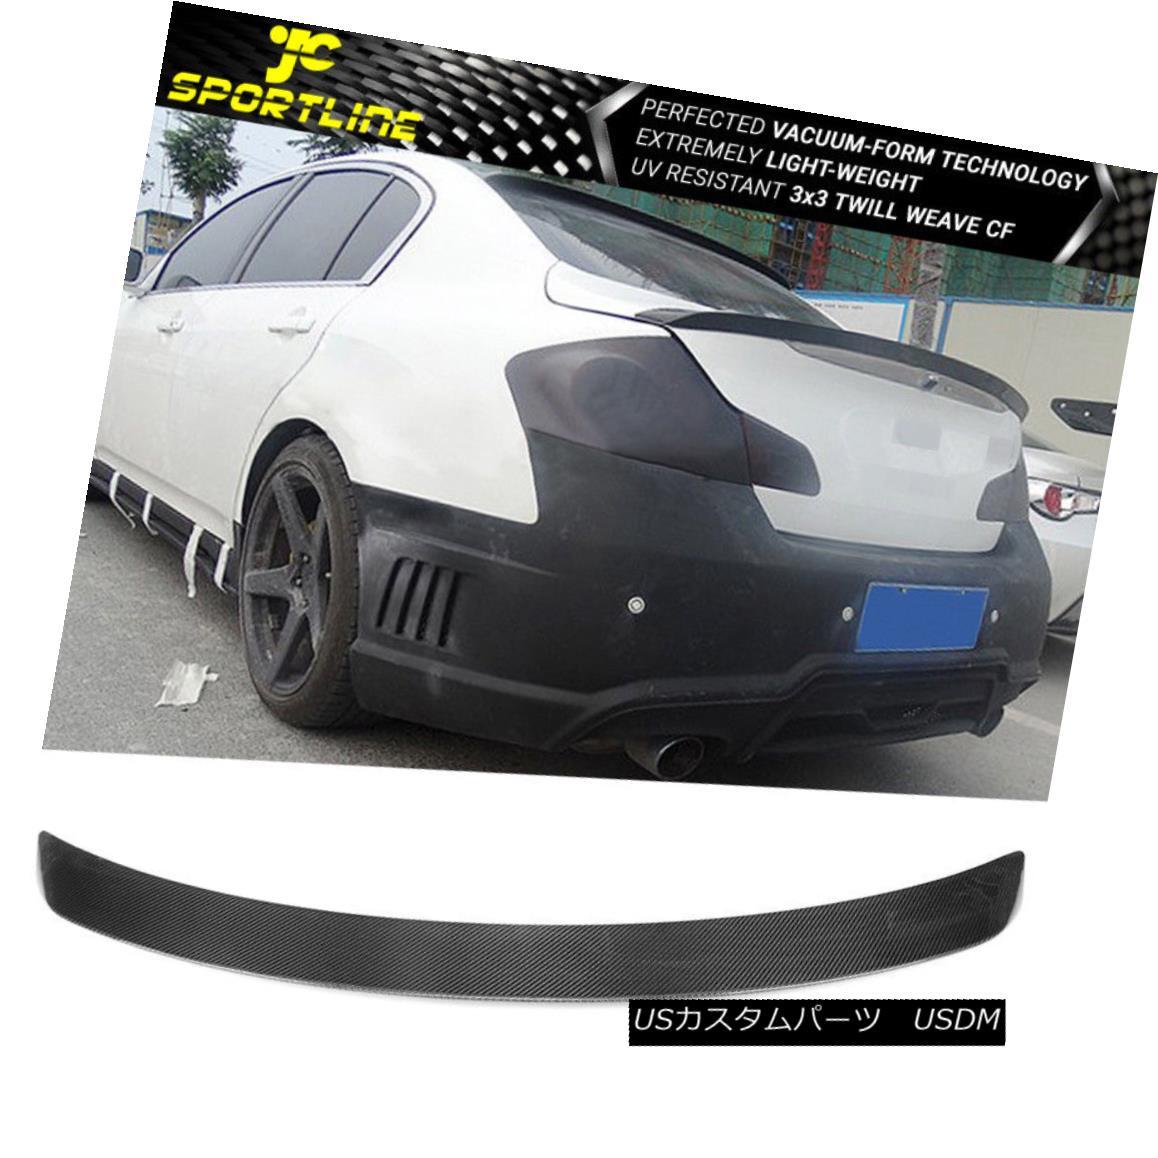 エアロパーツ Fits 07-15 Infiniti G35/G25/G37/Q40 Sedan Only Trunk Spoiler Carbon Fiber CF フィット07-15インフィニティG35 / G25 / G37 / Q4 0セダンのみトランクスポイラー炭素繊維CF